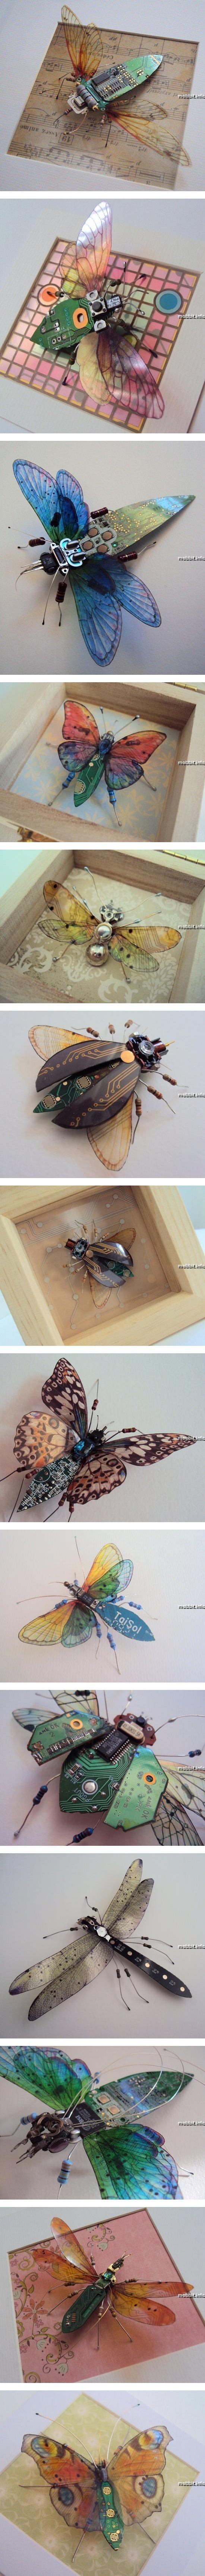 Чудесные насекомые из старой электроники